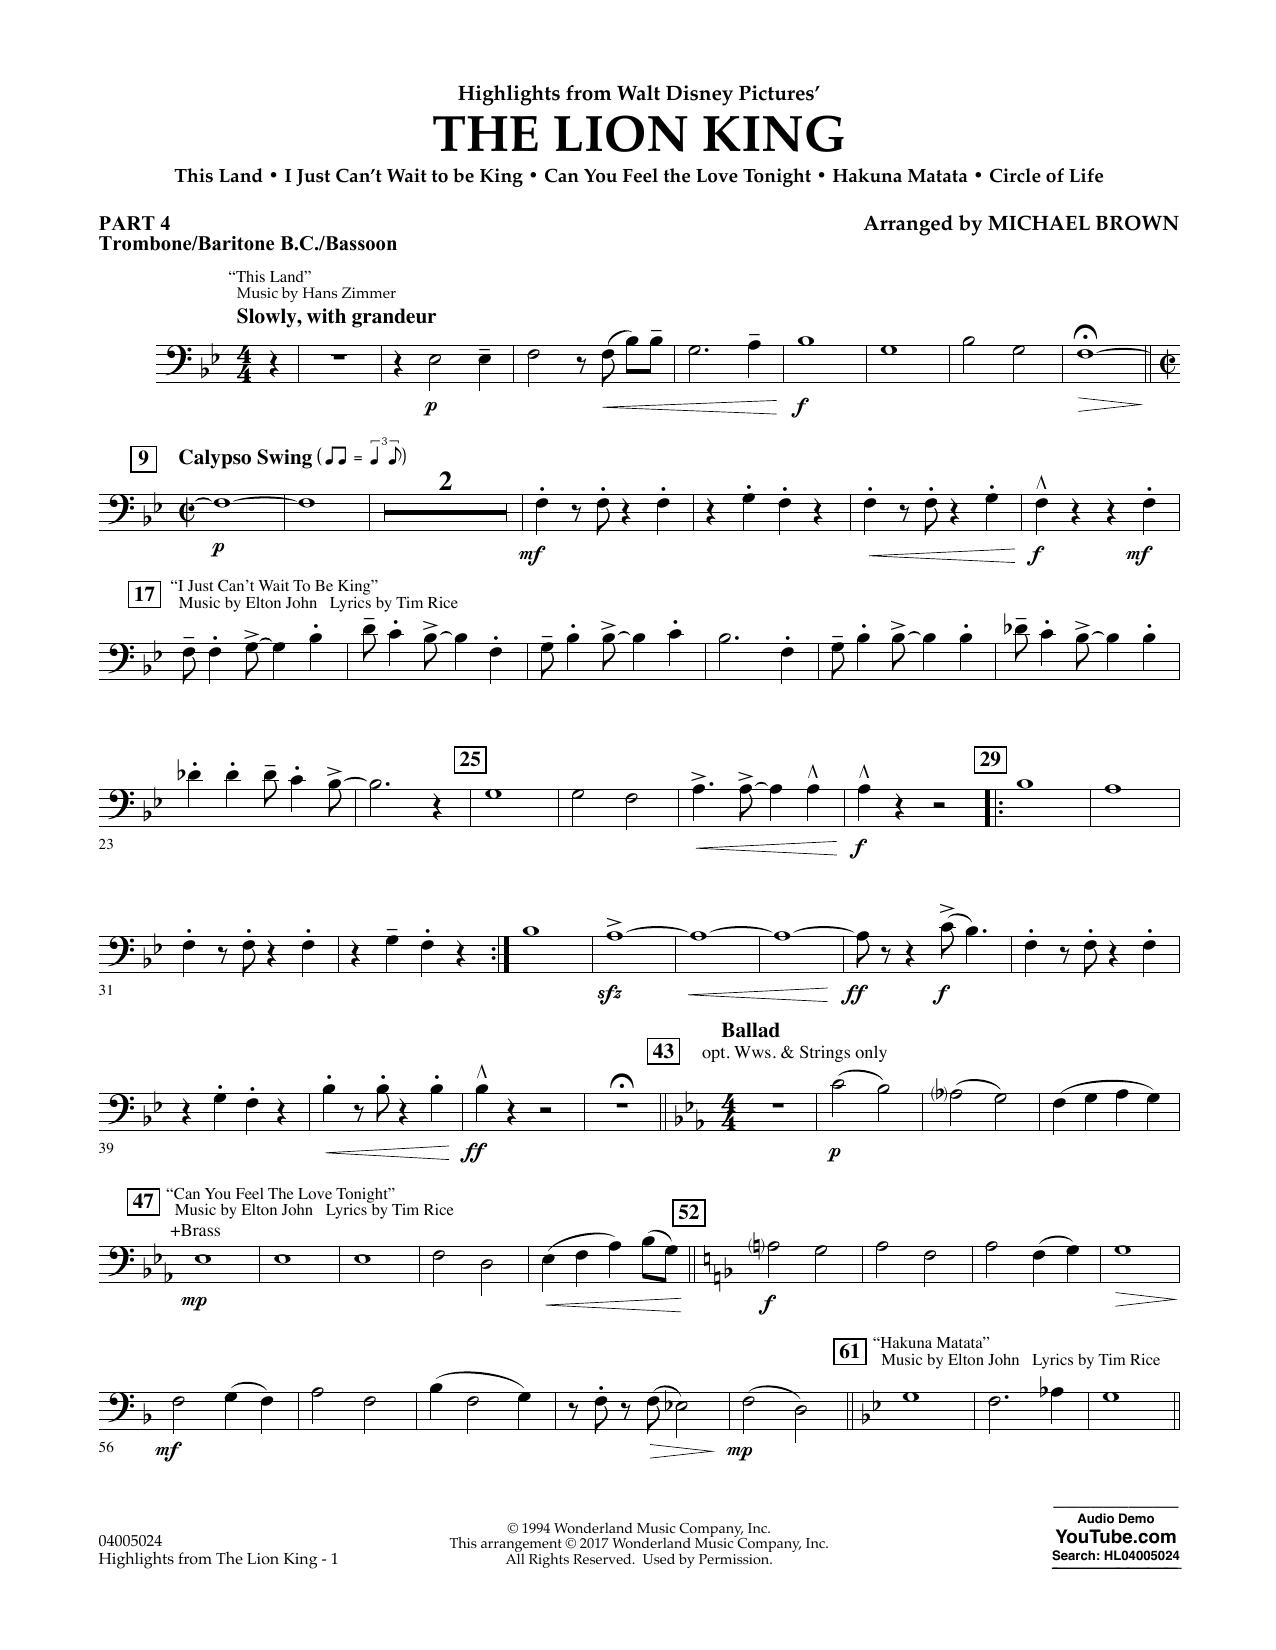 Highlights from The Lion King - Pt.4 - Trombone/Bar. B.C./Bsn. Sheet Music